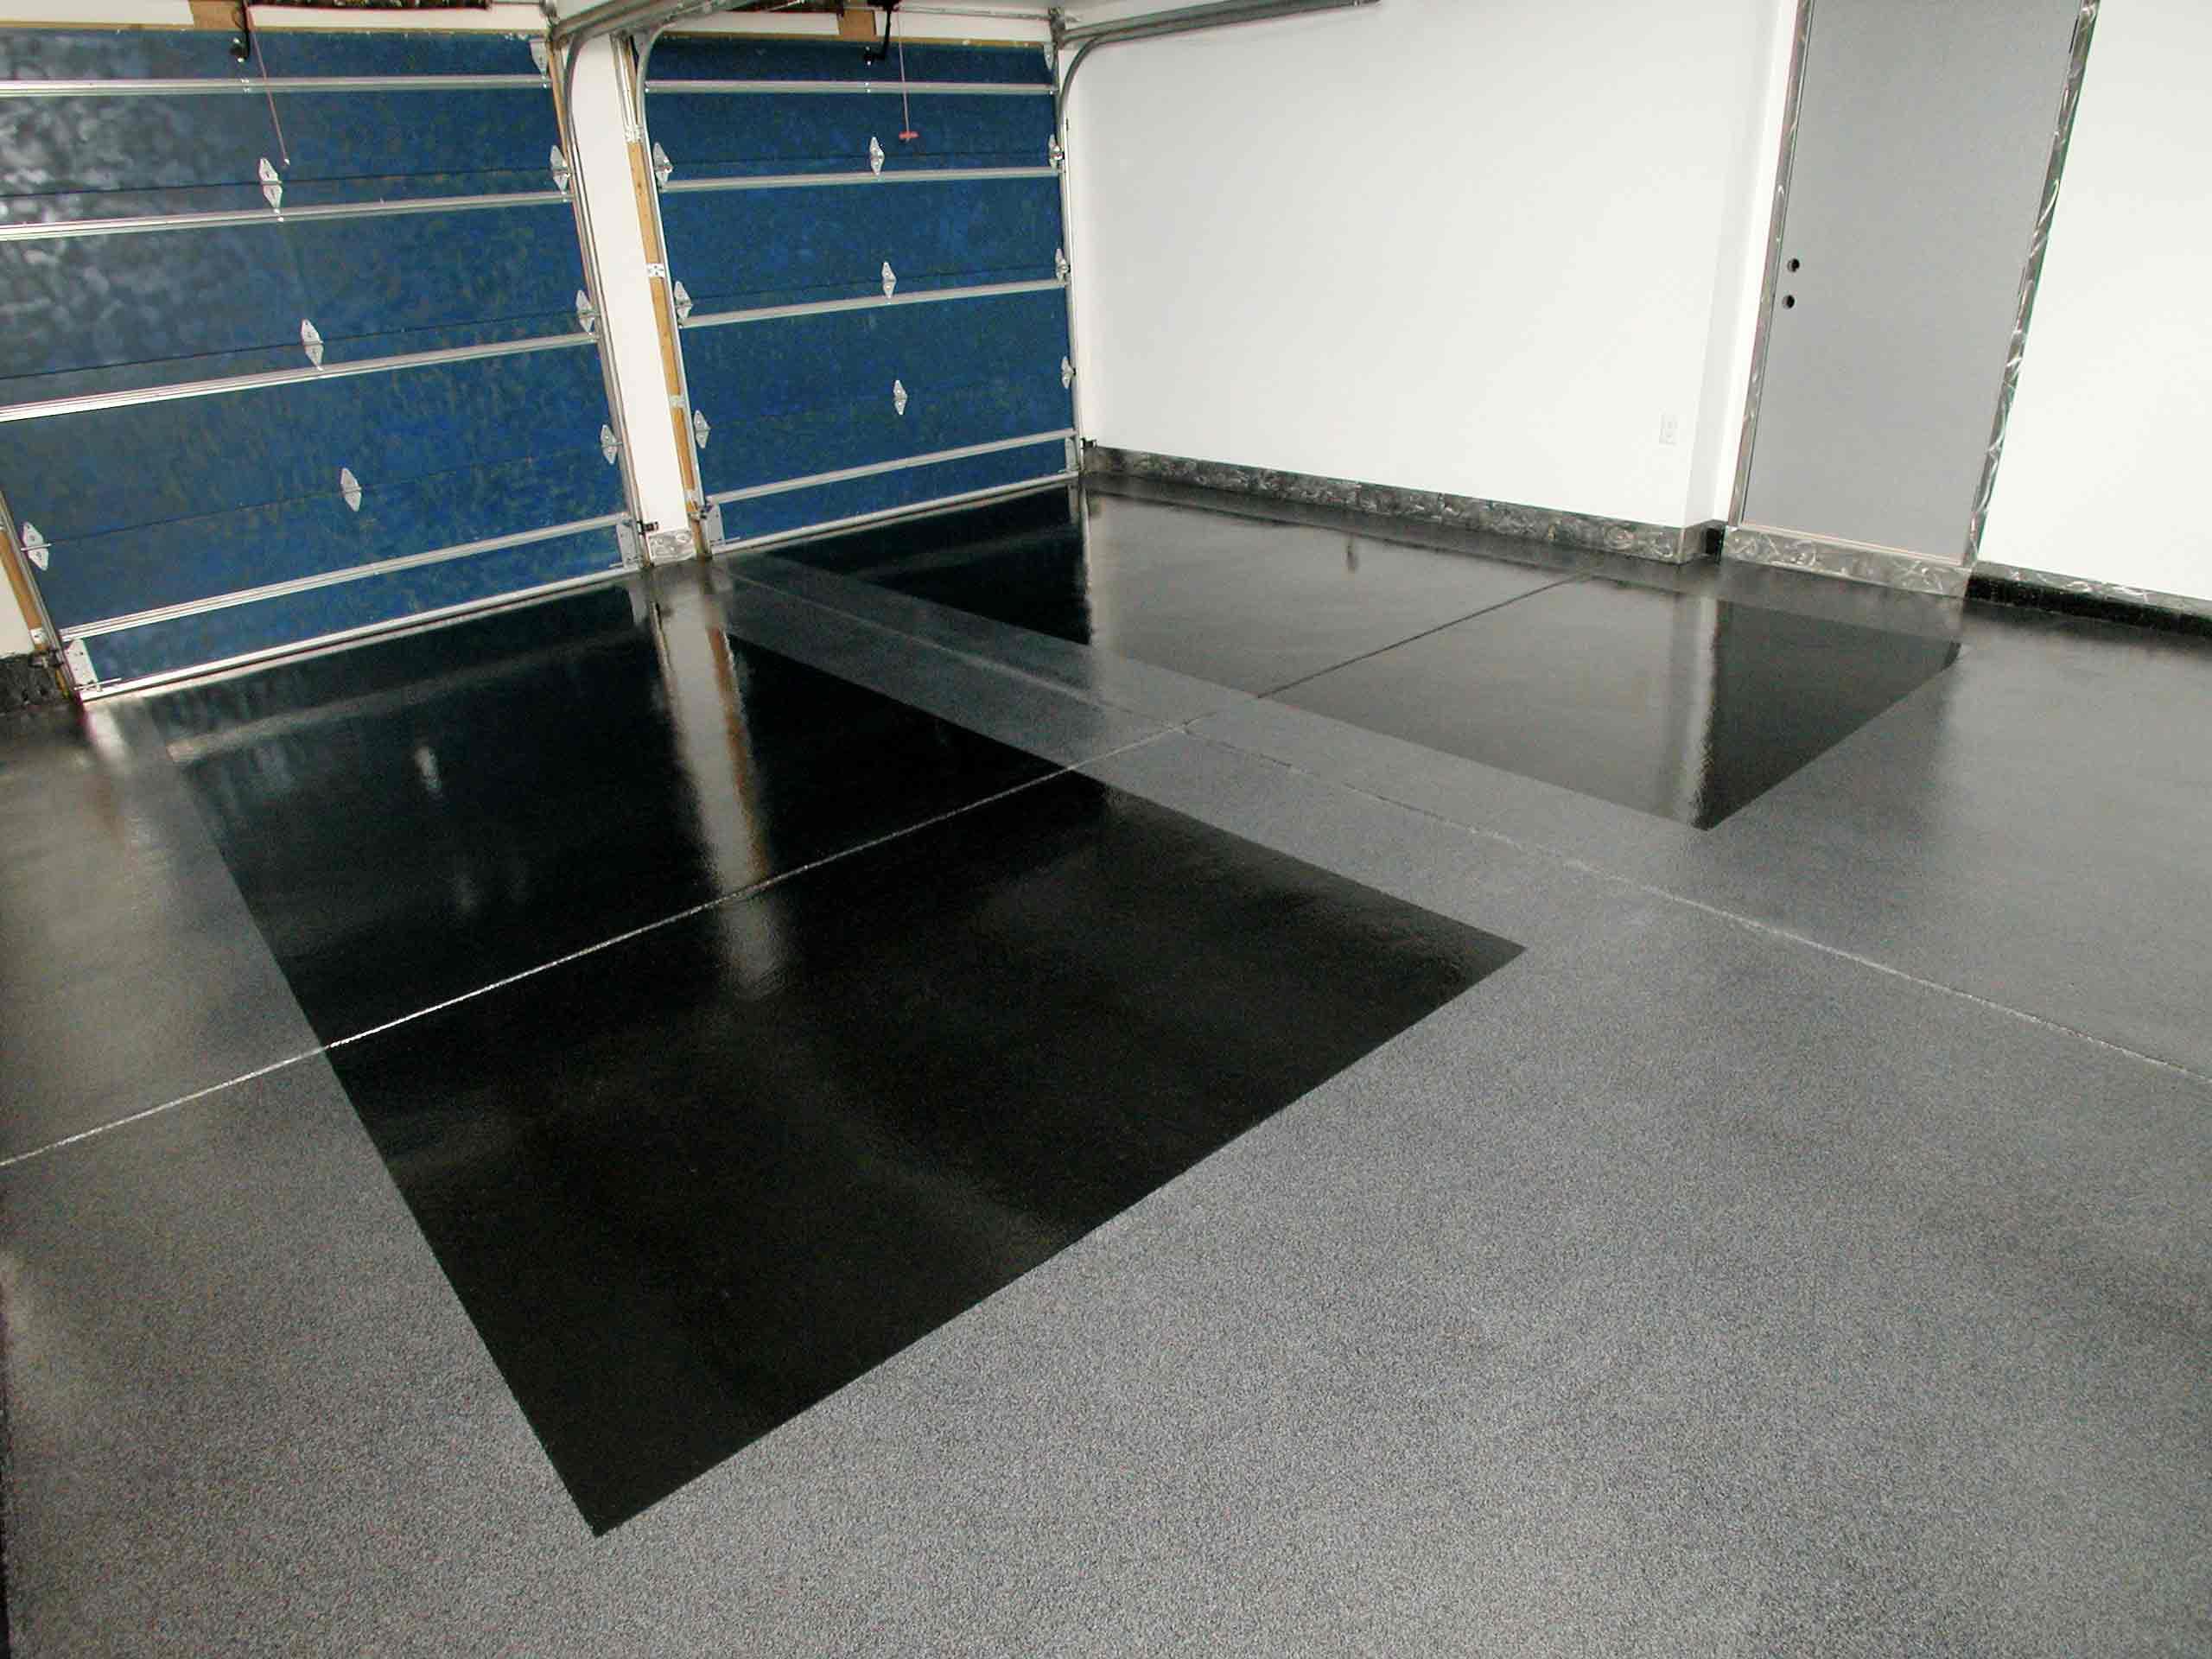 Painted Concrete Floors Painting Concrete Floors Painting Concrete Floors Best Guide